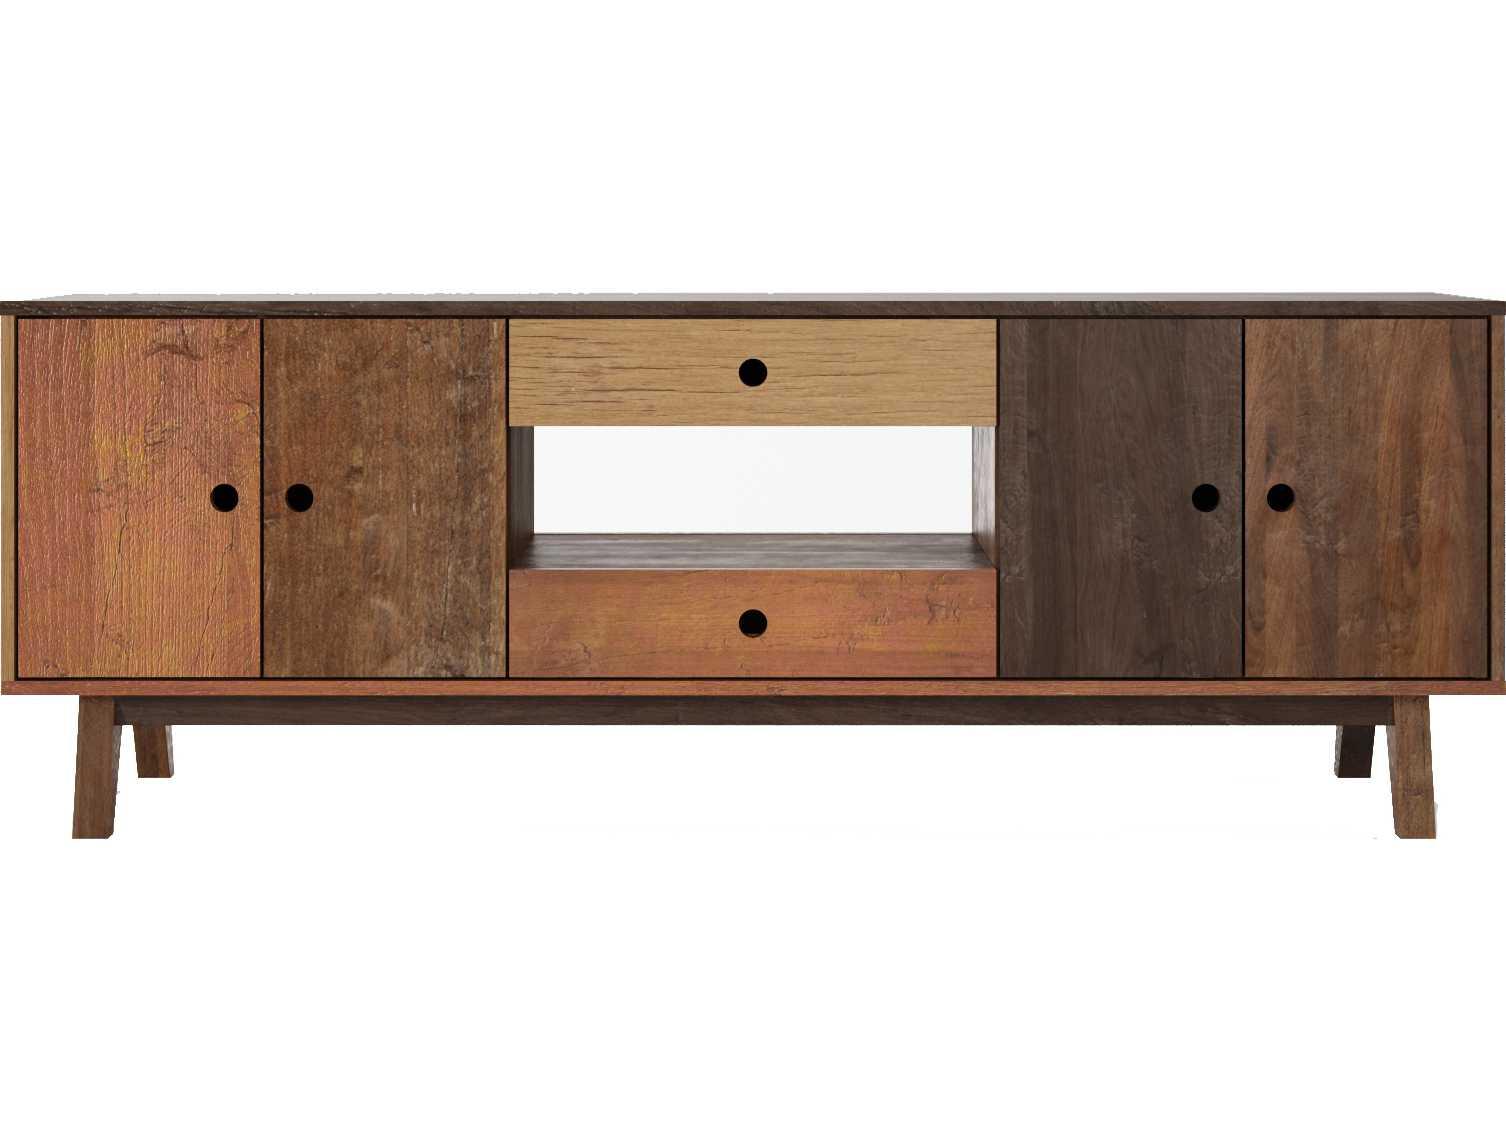 Ion Design Brooklyn Reclaimed Hard Wood 83 39 39 X 17 39 39 Media